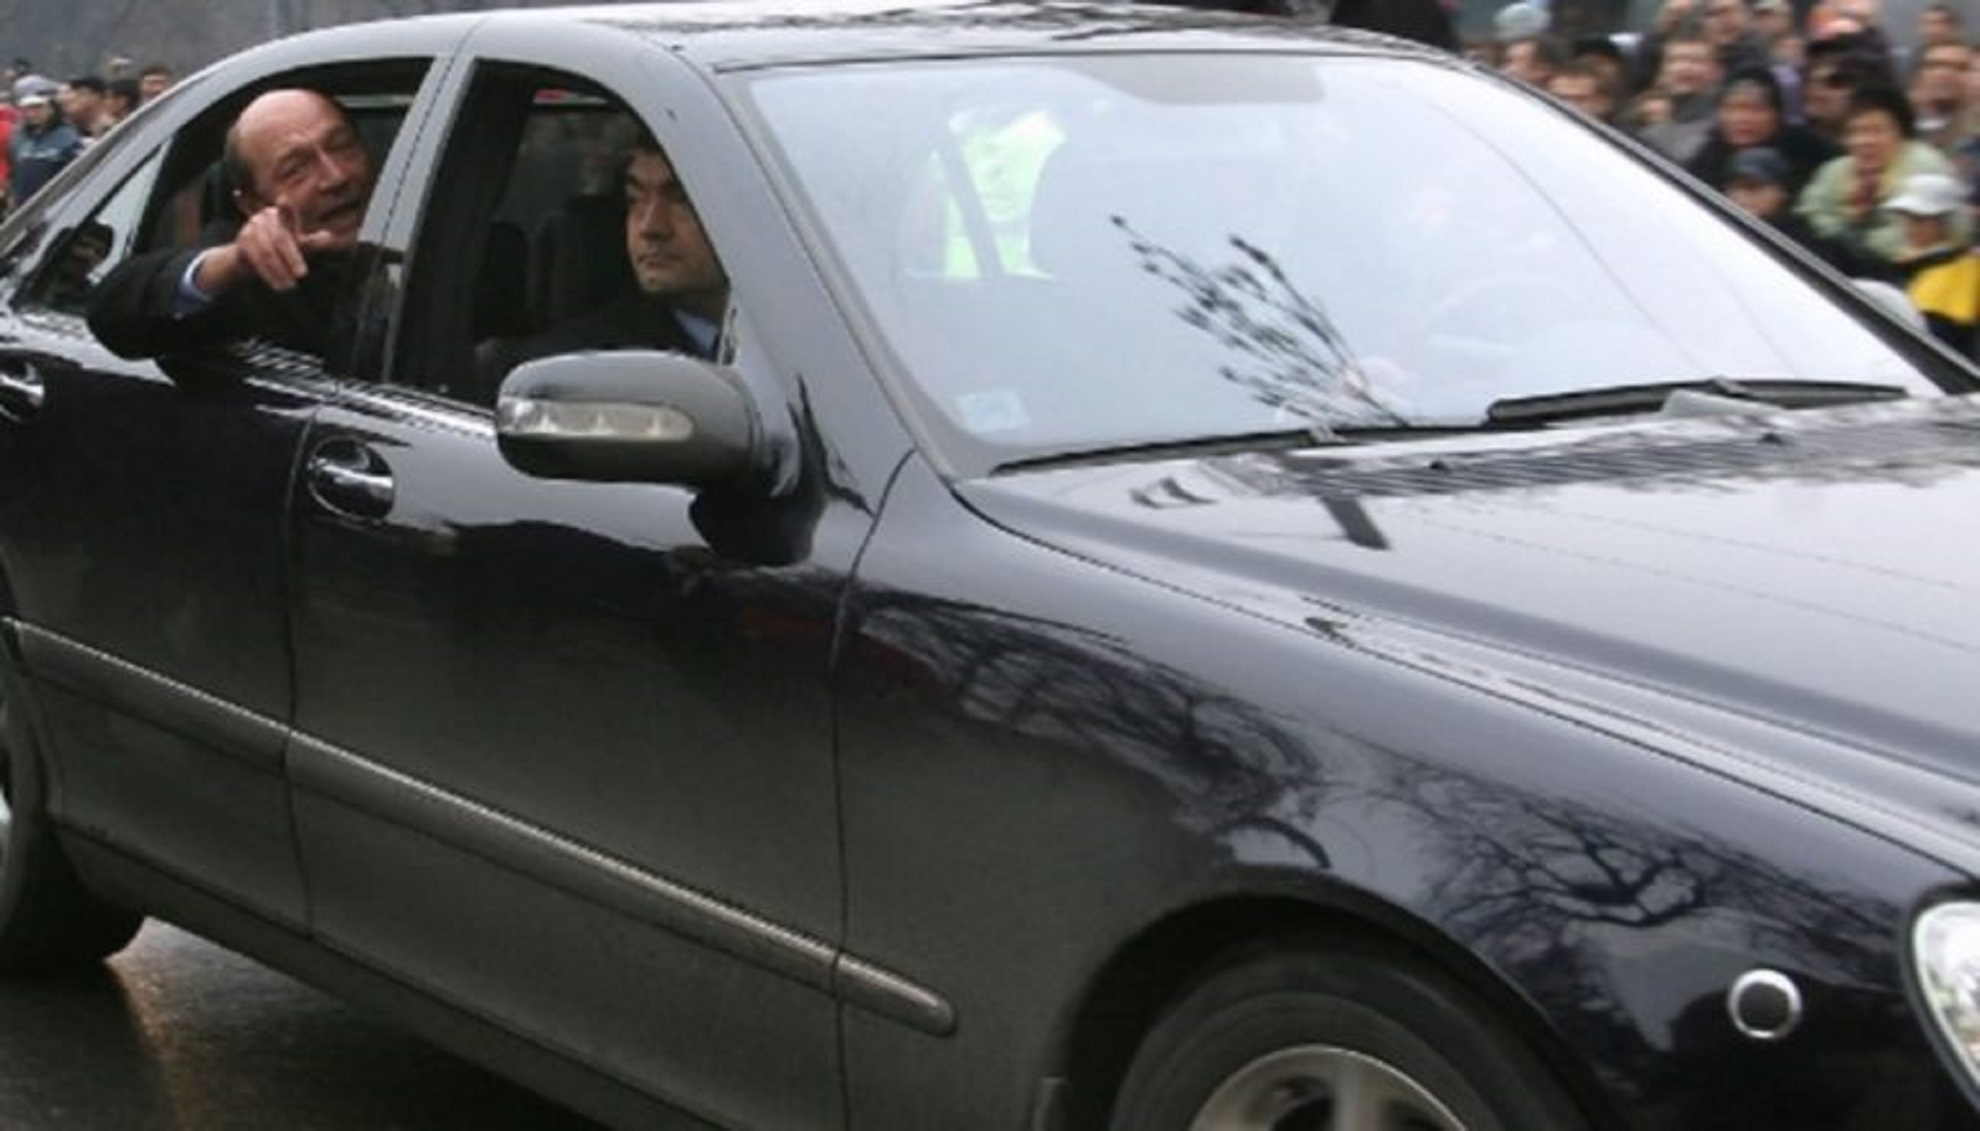 Coloana oficială a fostului președinte, Traian Băsescu a fost implicată într-un accident în capitală